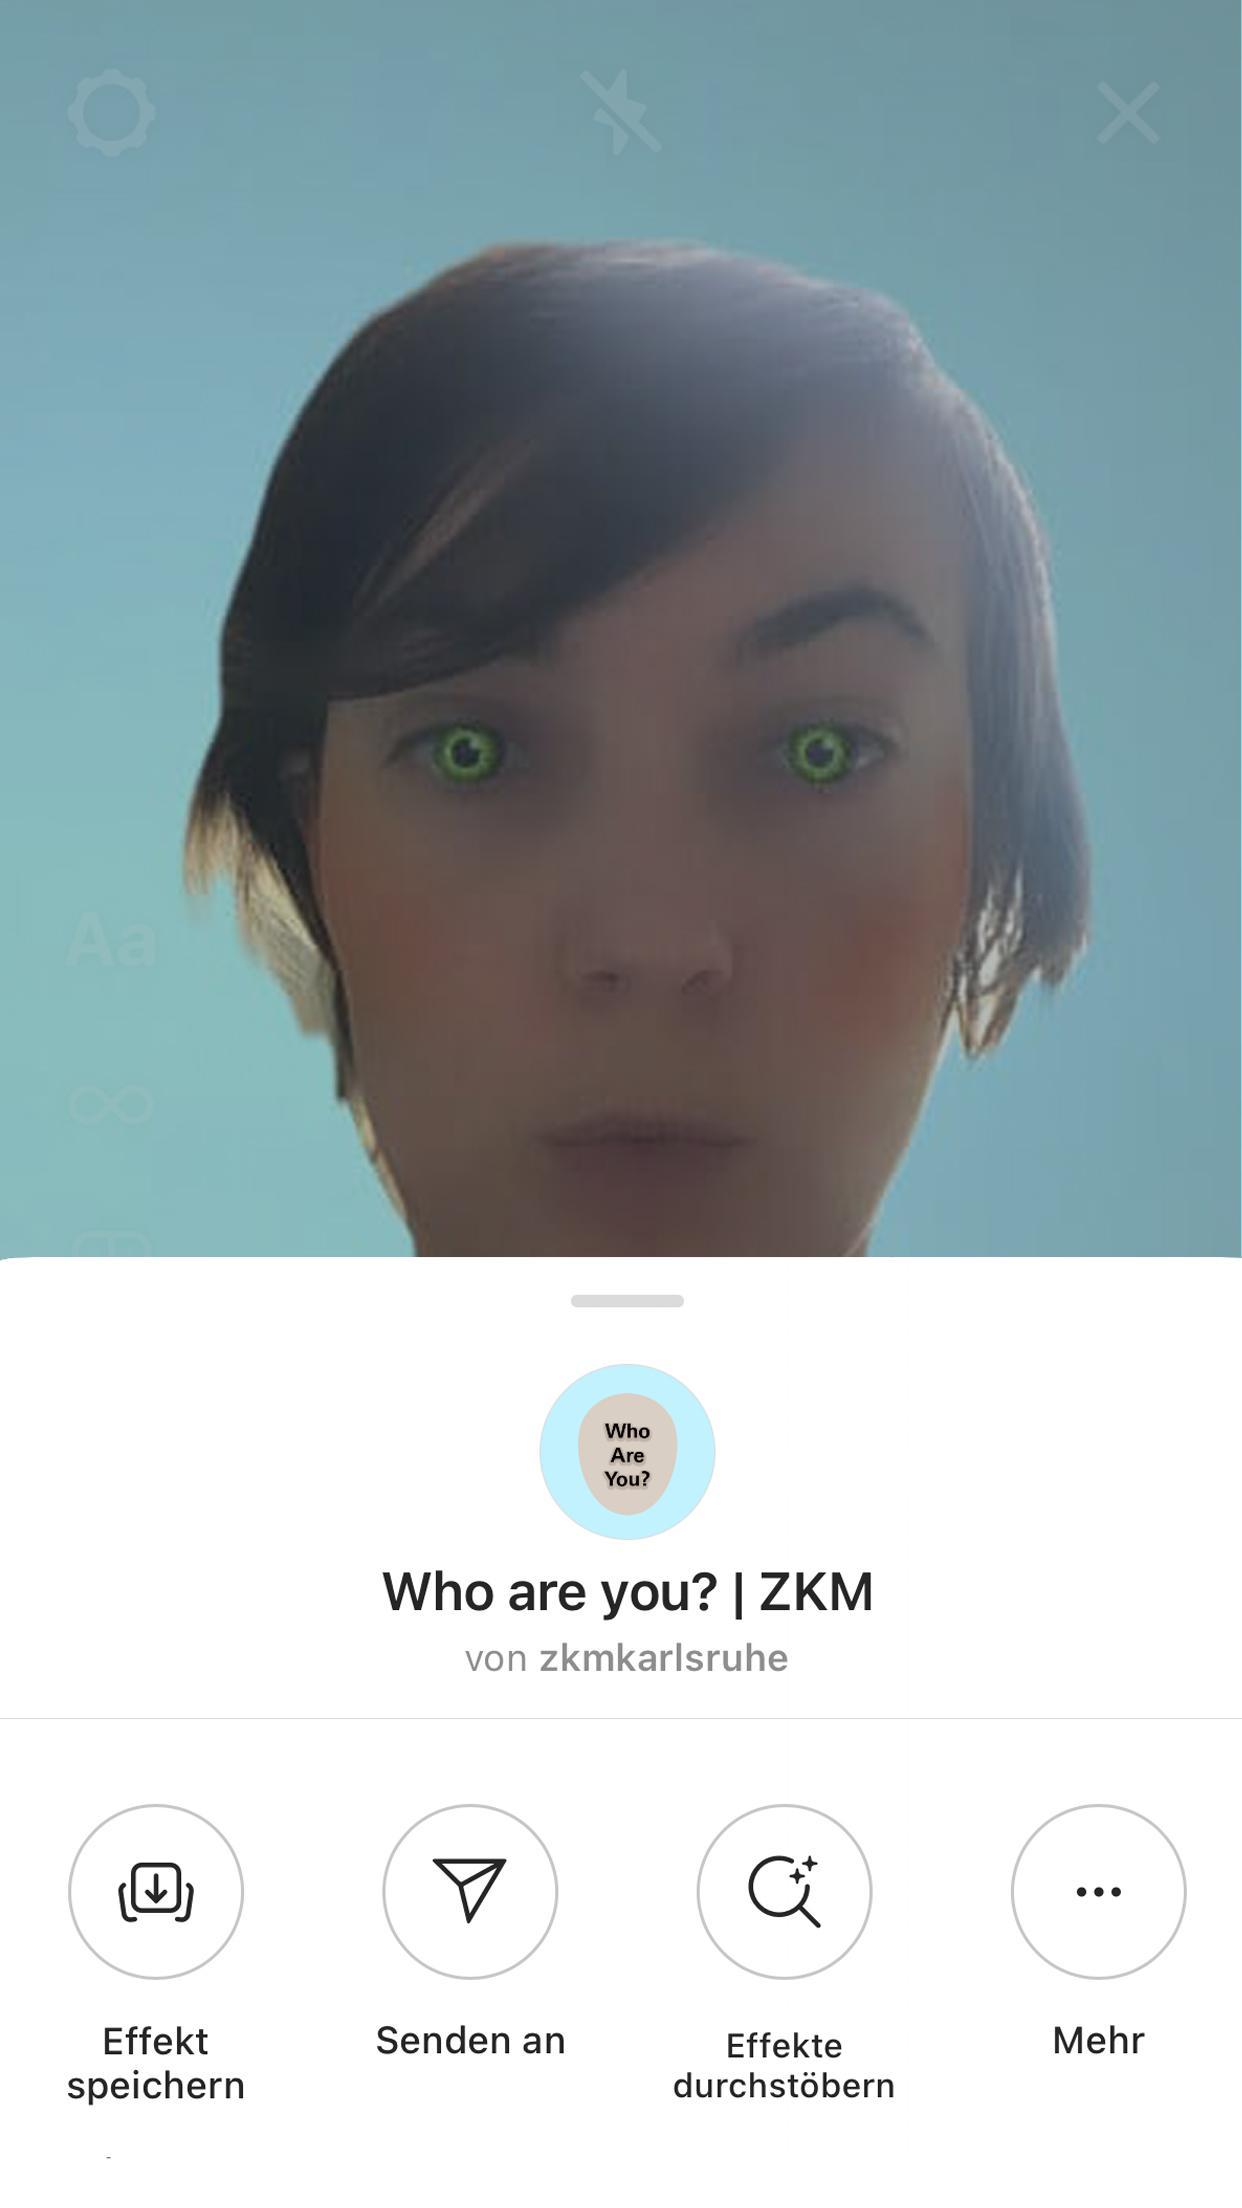 Bild einer Frau mit Instagram-Filter, der sie künstlich aussehen lässt.